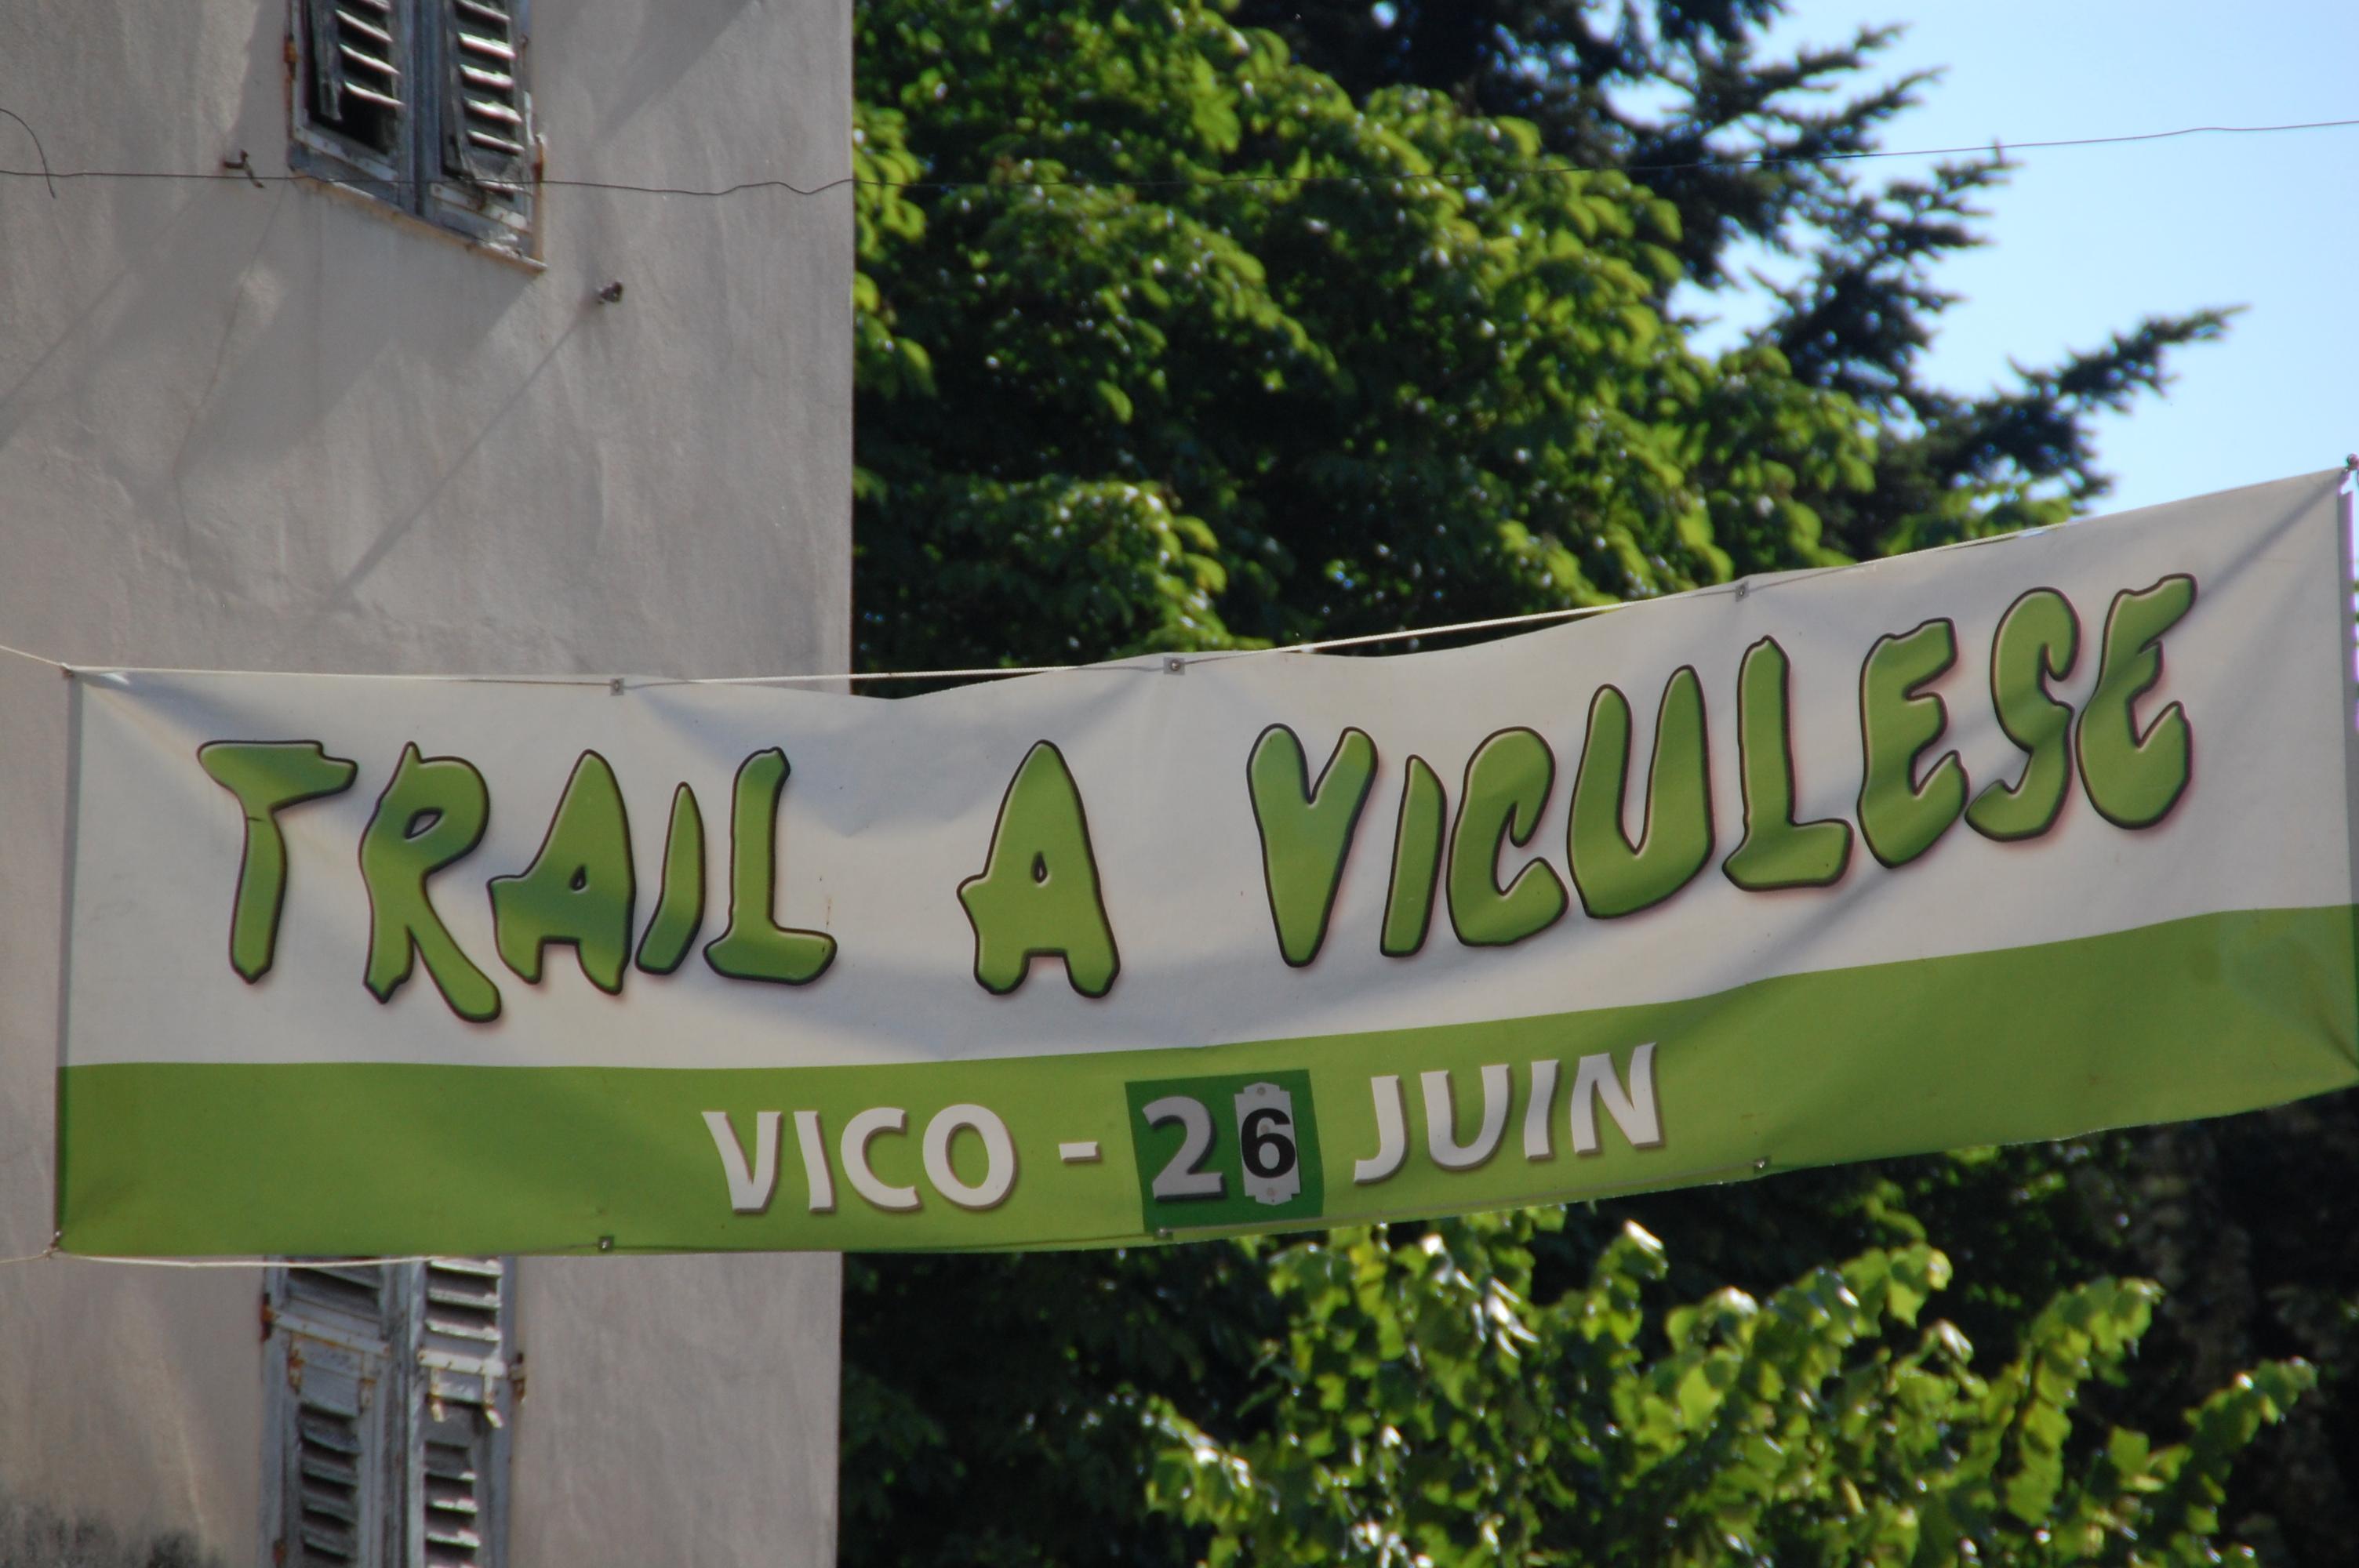 """4ème Edition du Trail """"A Viculese """""""